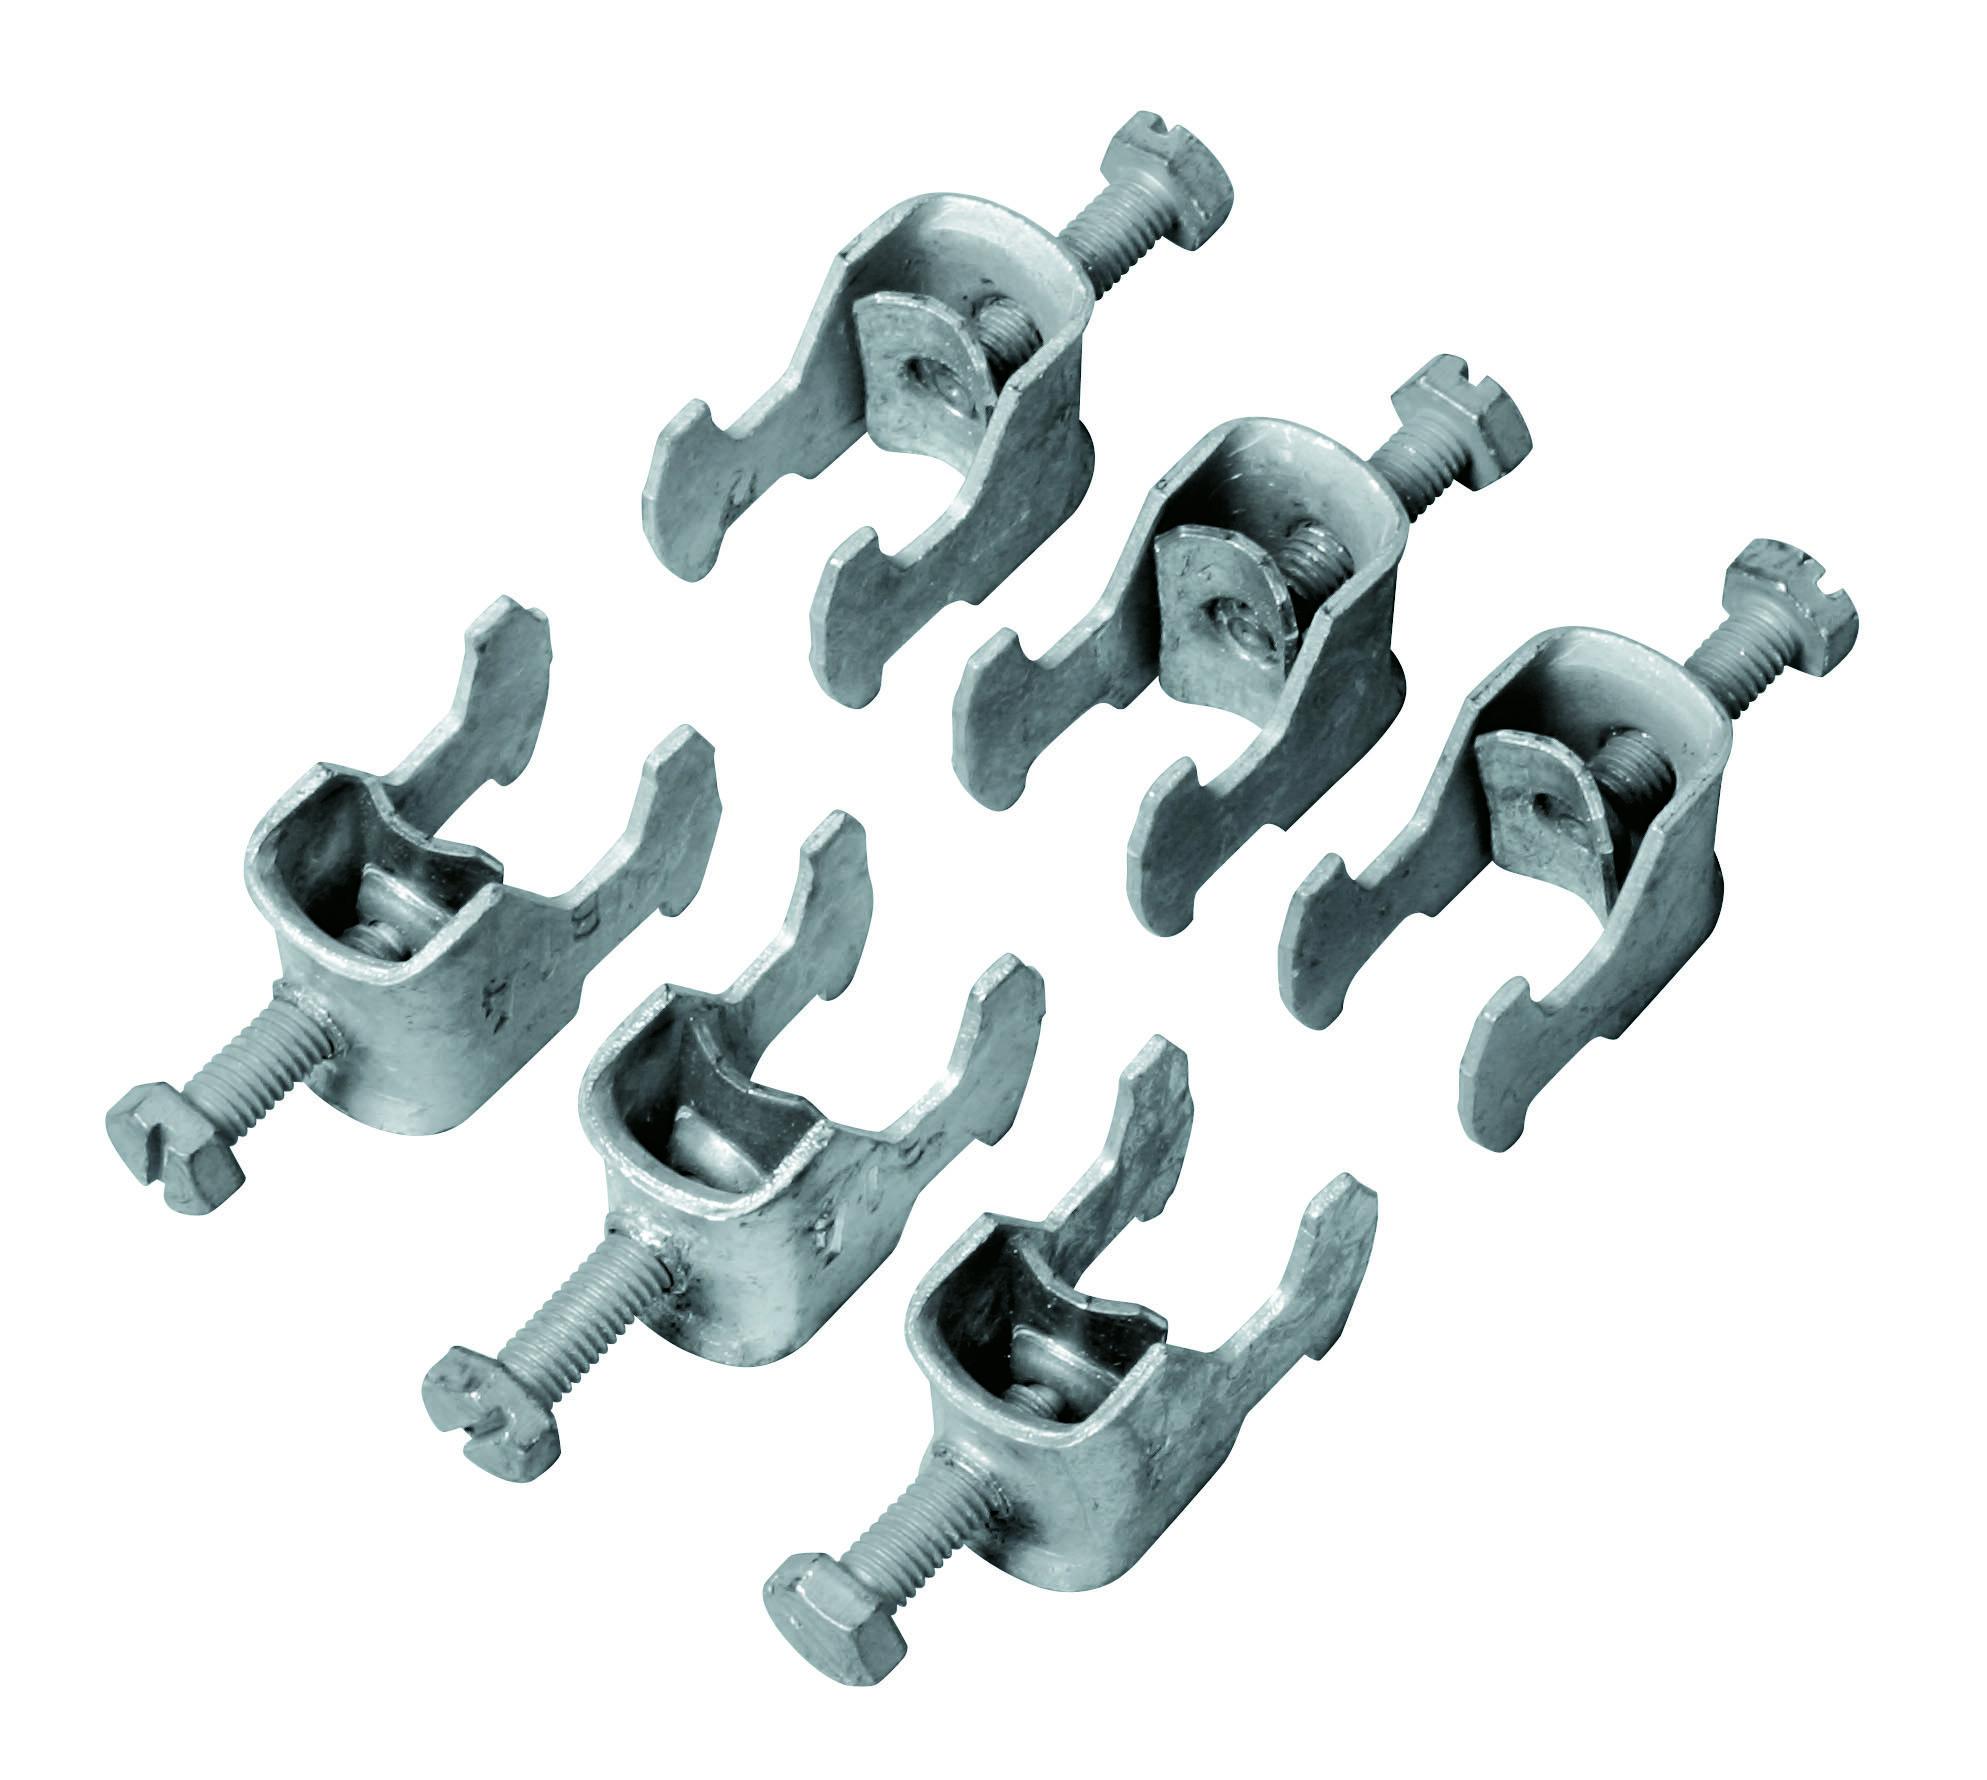 1 VE Kabelklemmen 18-22mm ASCA1822--